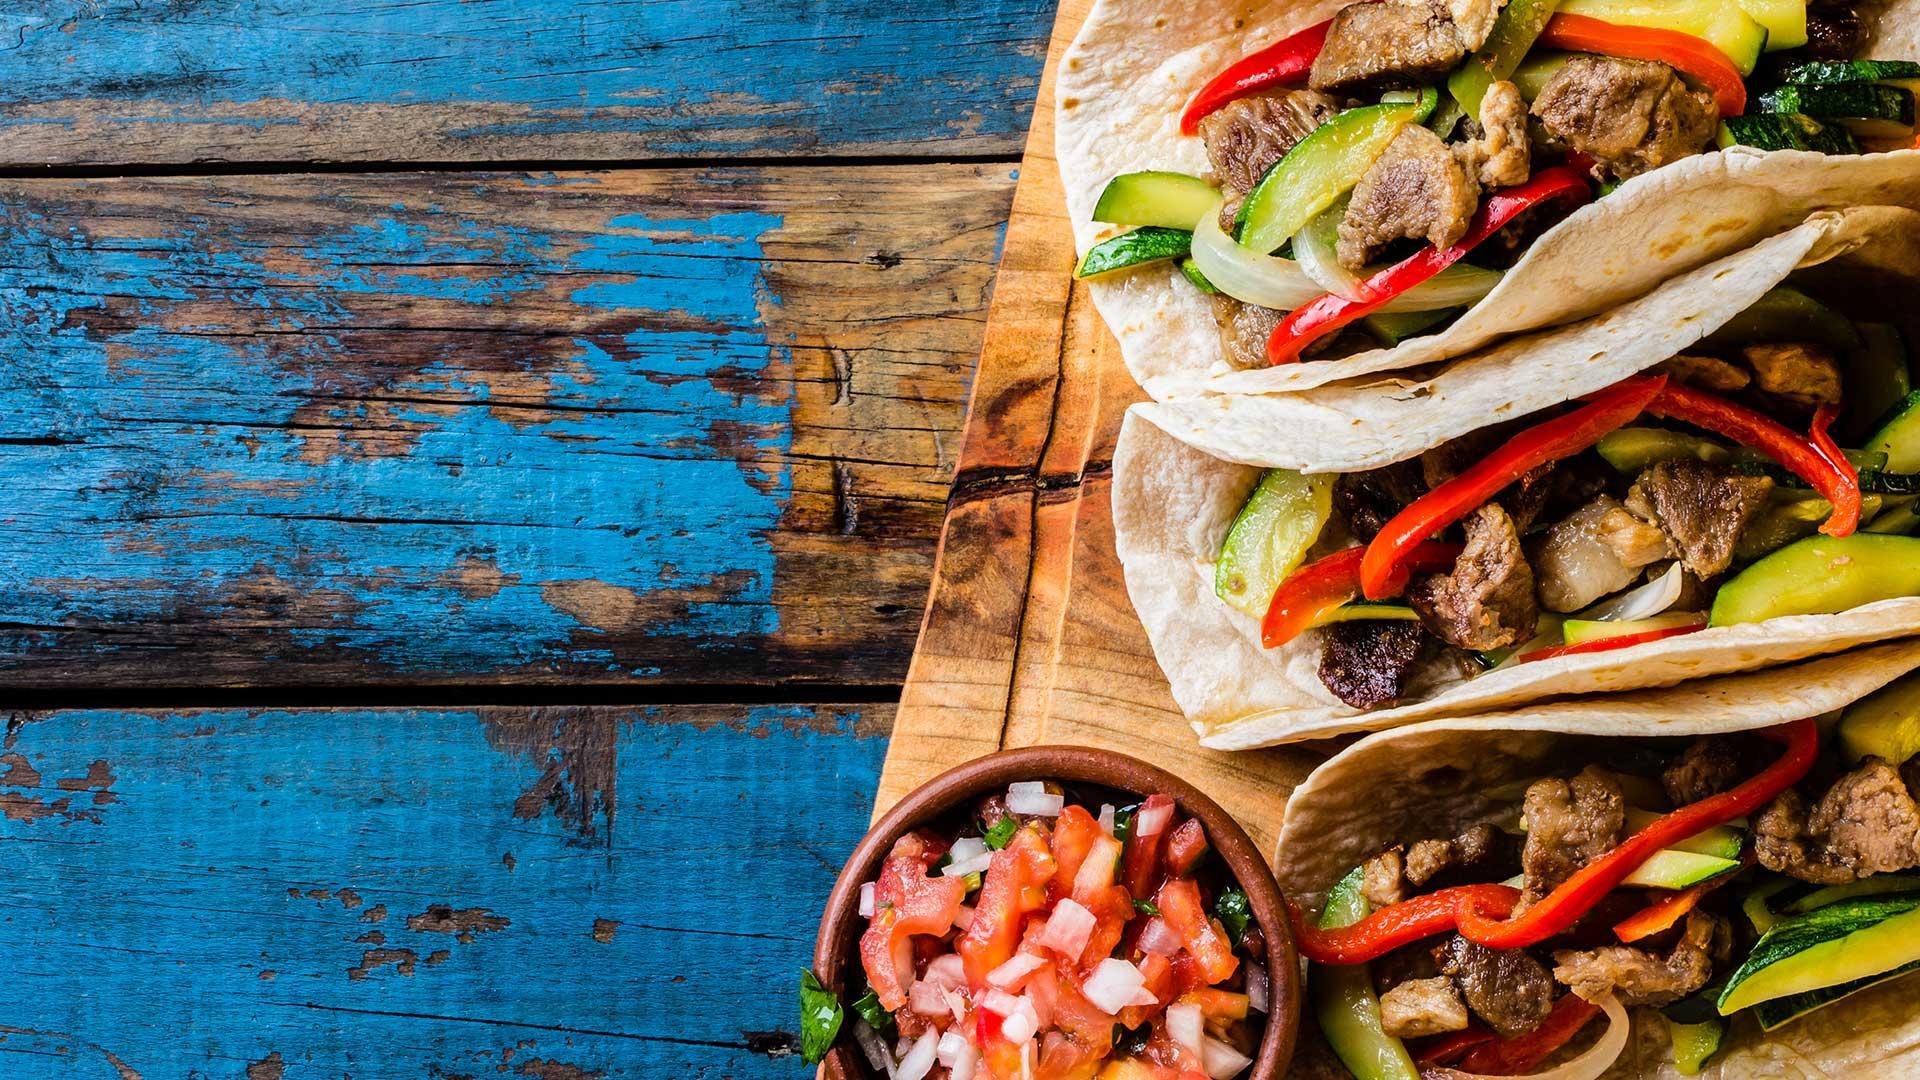 La Posada Mexican Grill image 5